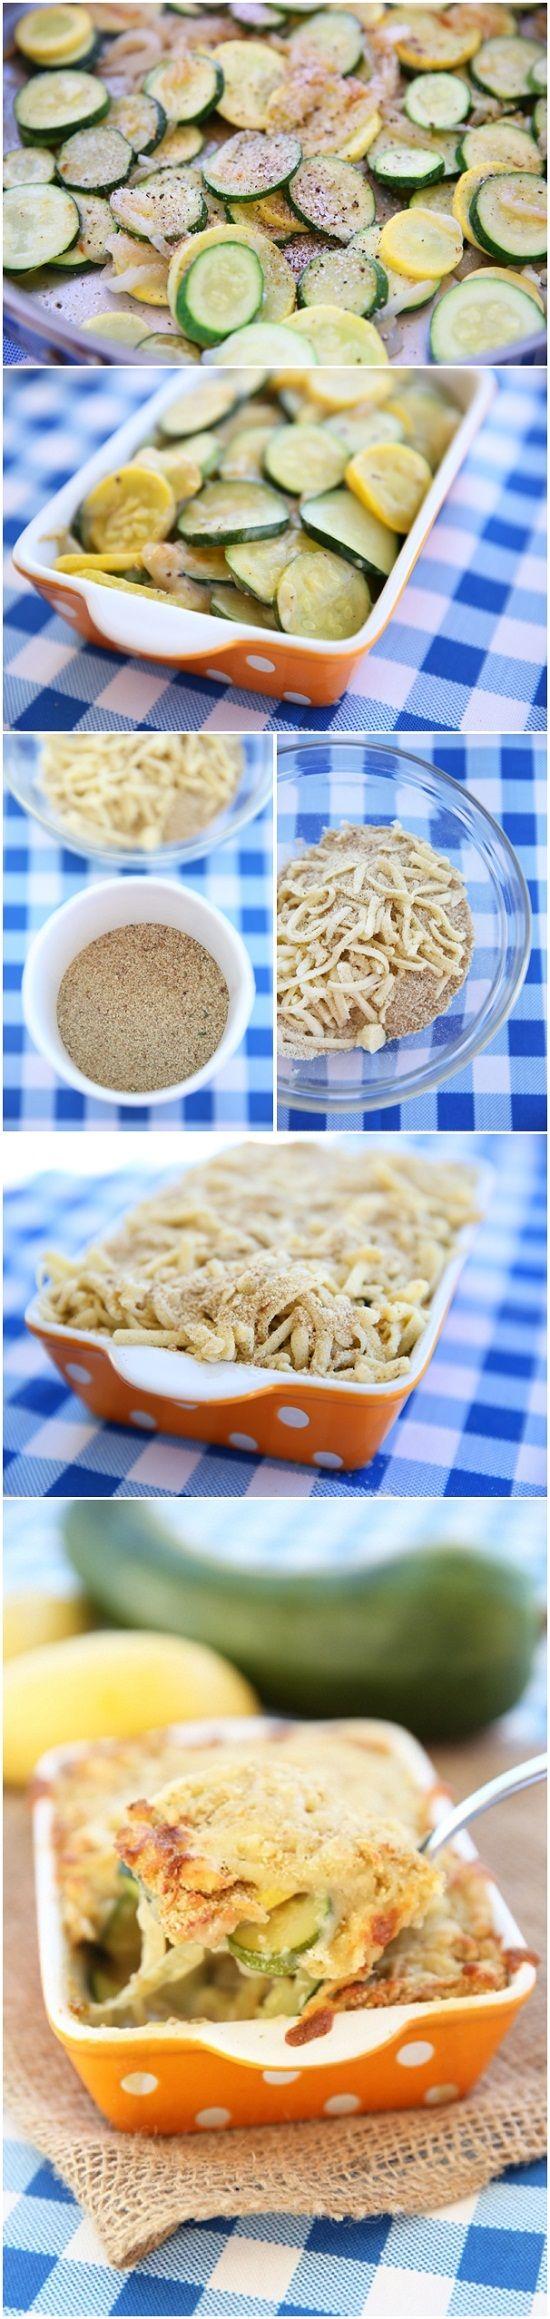 Zucchini Gratin | Gotta try!! | Pinterest